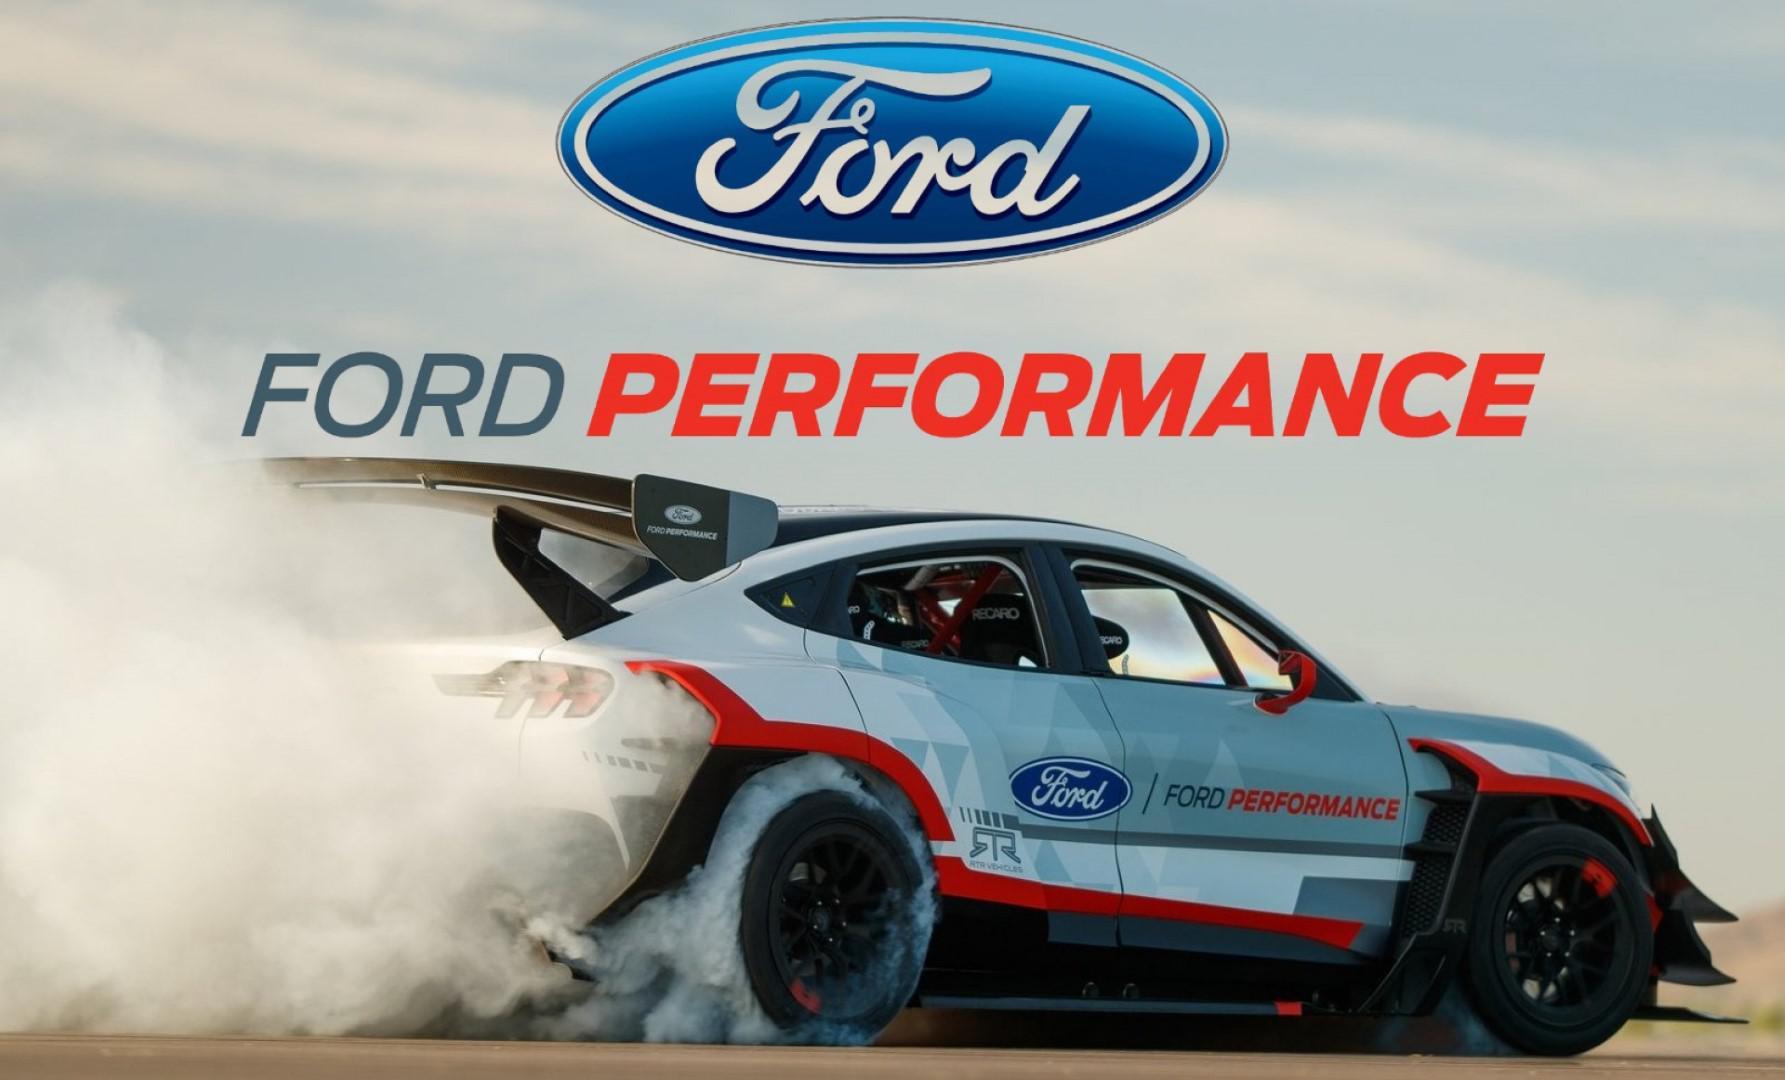 Ford Mustang Mach-e : Une bombe électrique de 1400 ch !